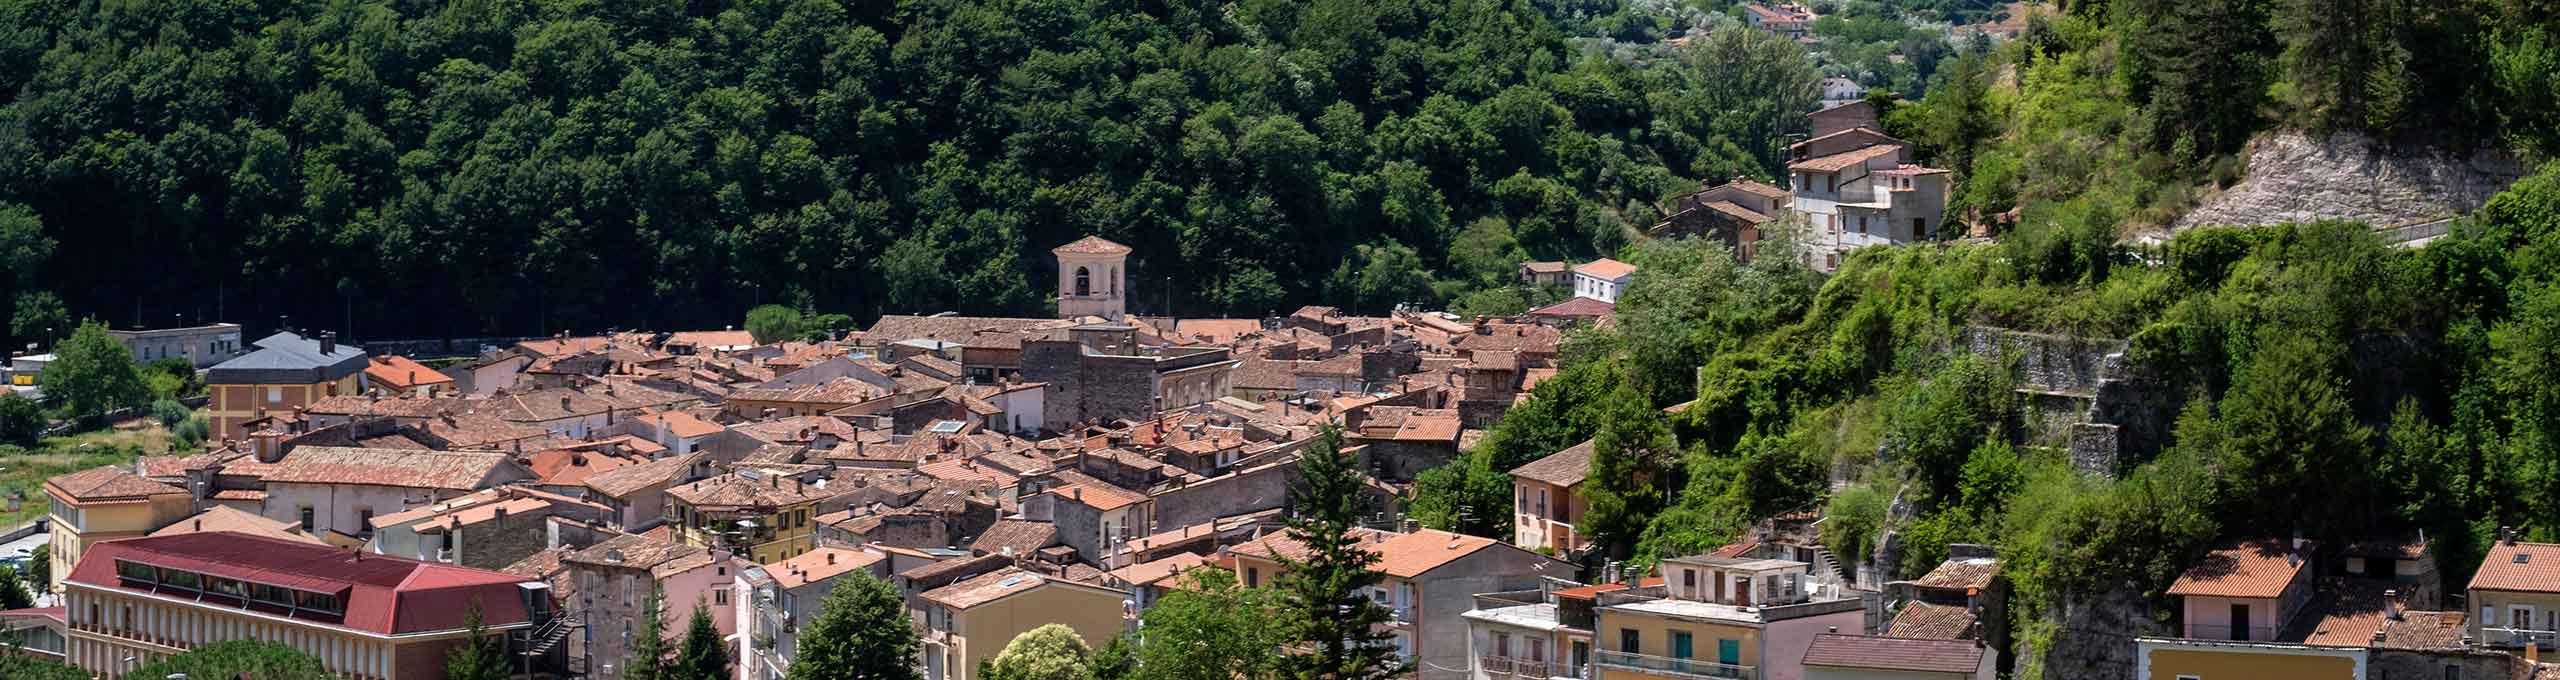 Vista sul borgo di Antrodoco, alle pendici del Monte Terminillo